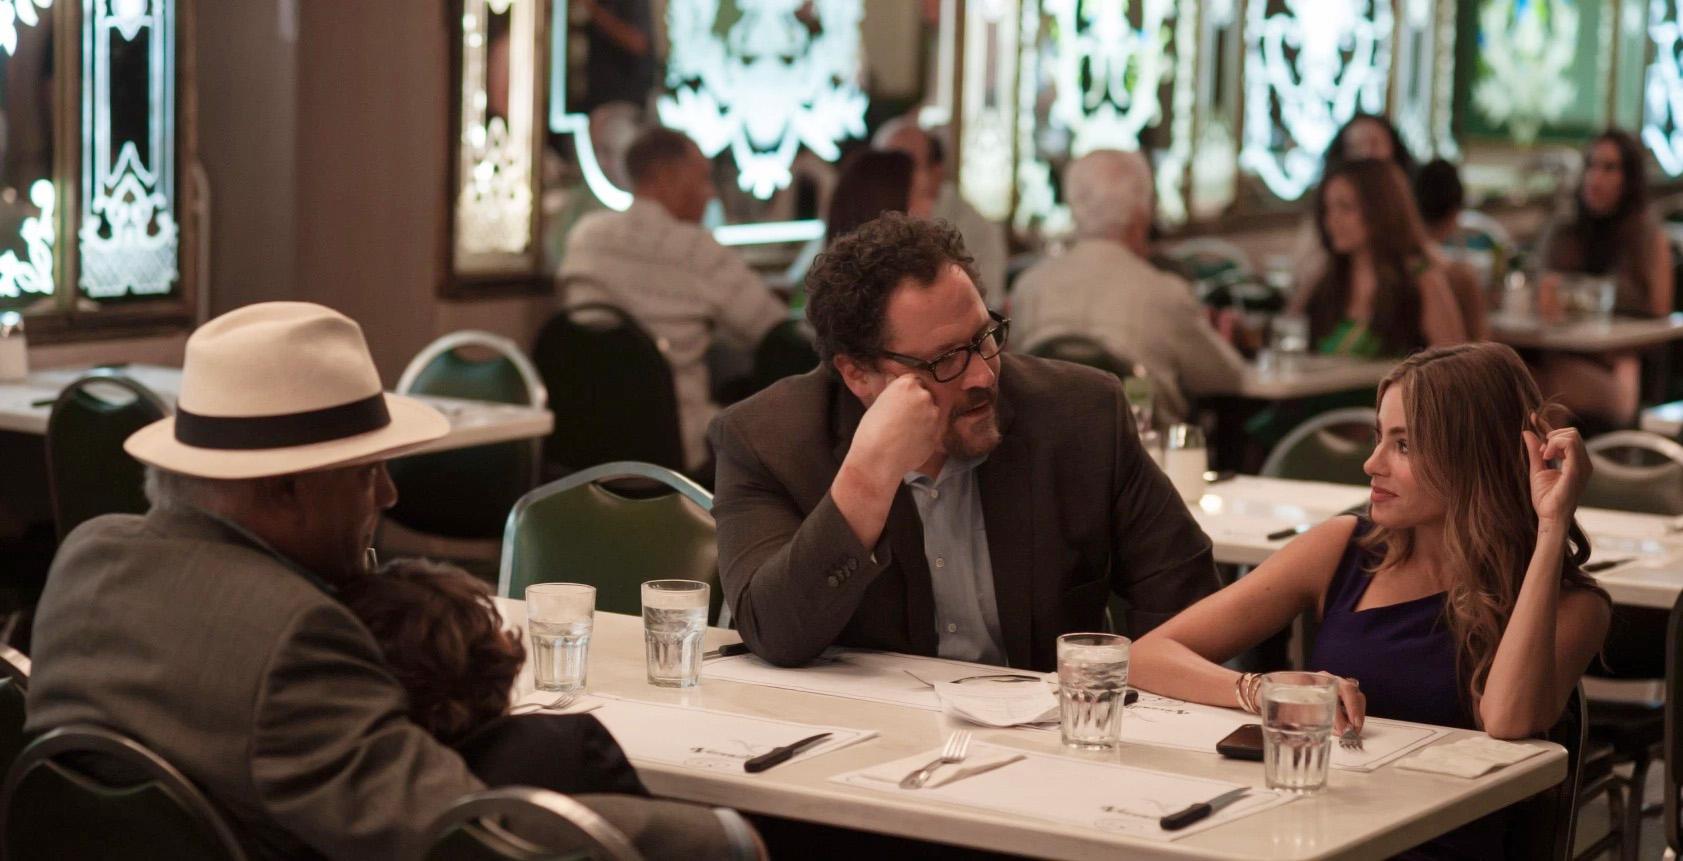 Miami - Filme Chef - Restaurante Cubano em Miami - blog Vontade de Viajar